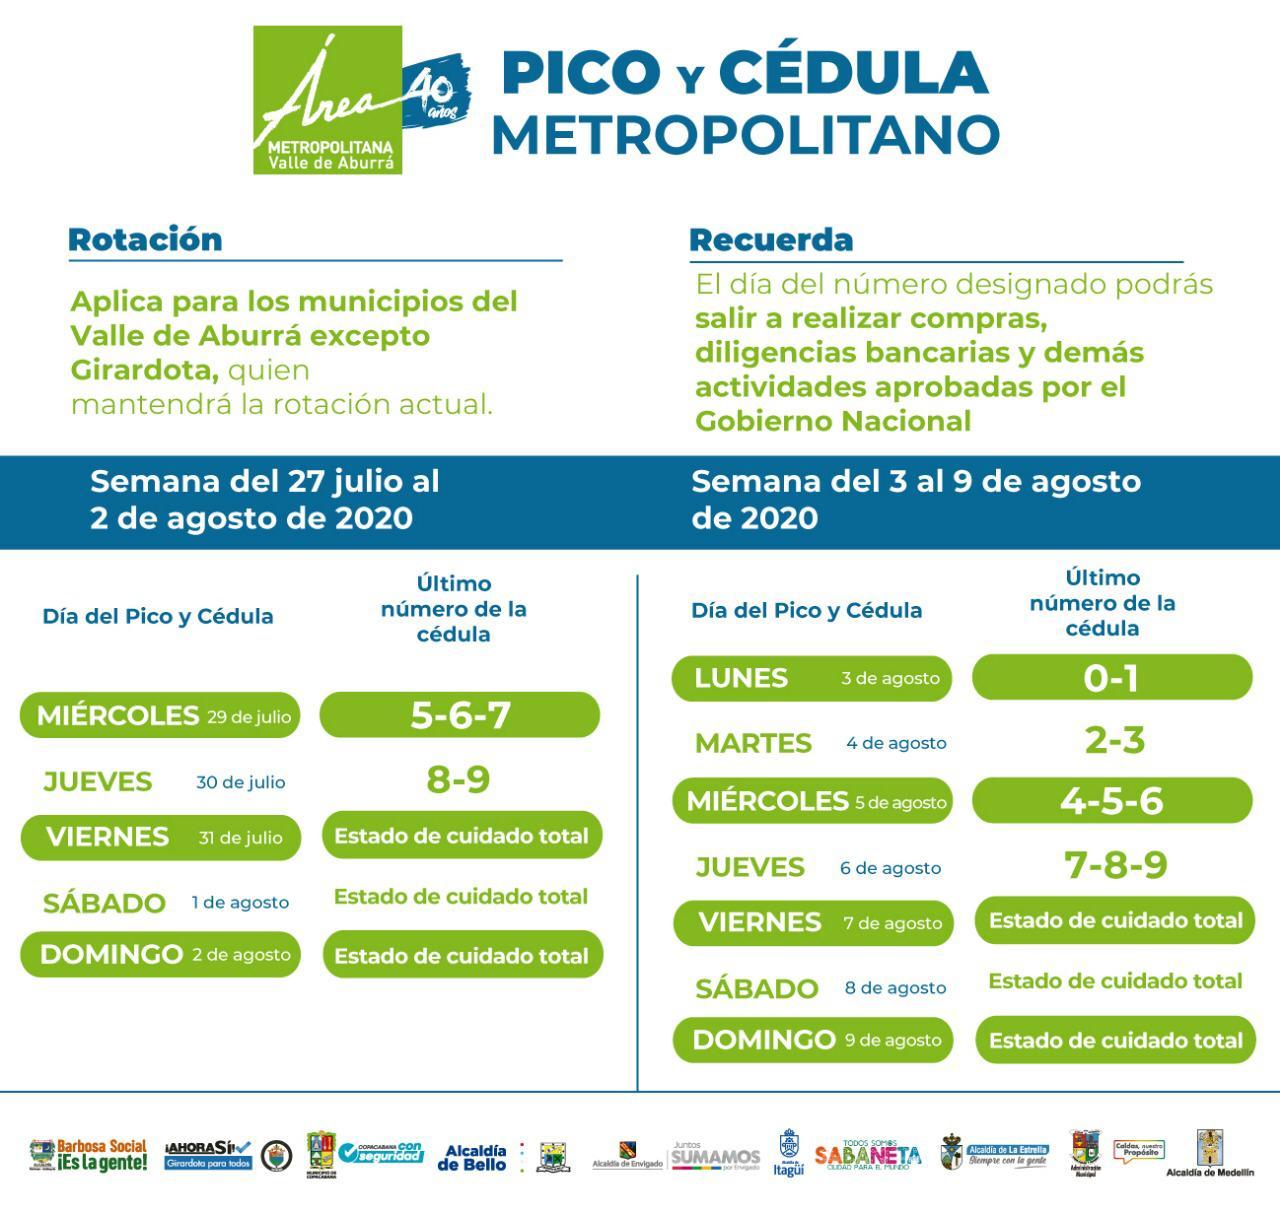 Pico y cédula 27 de julio al 9 de agosto en el Área Metropolitana